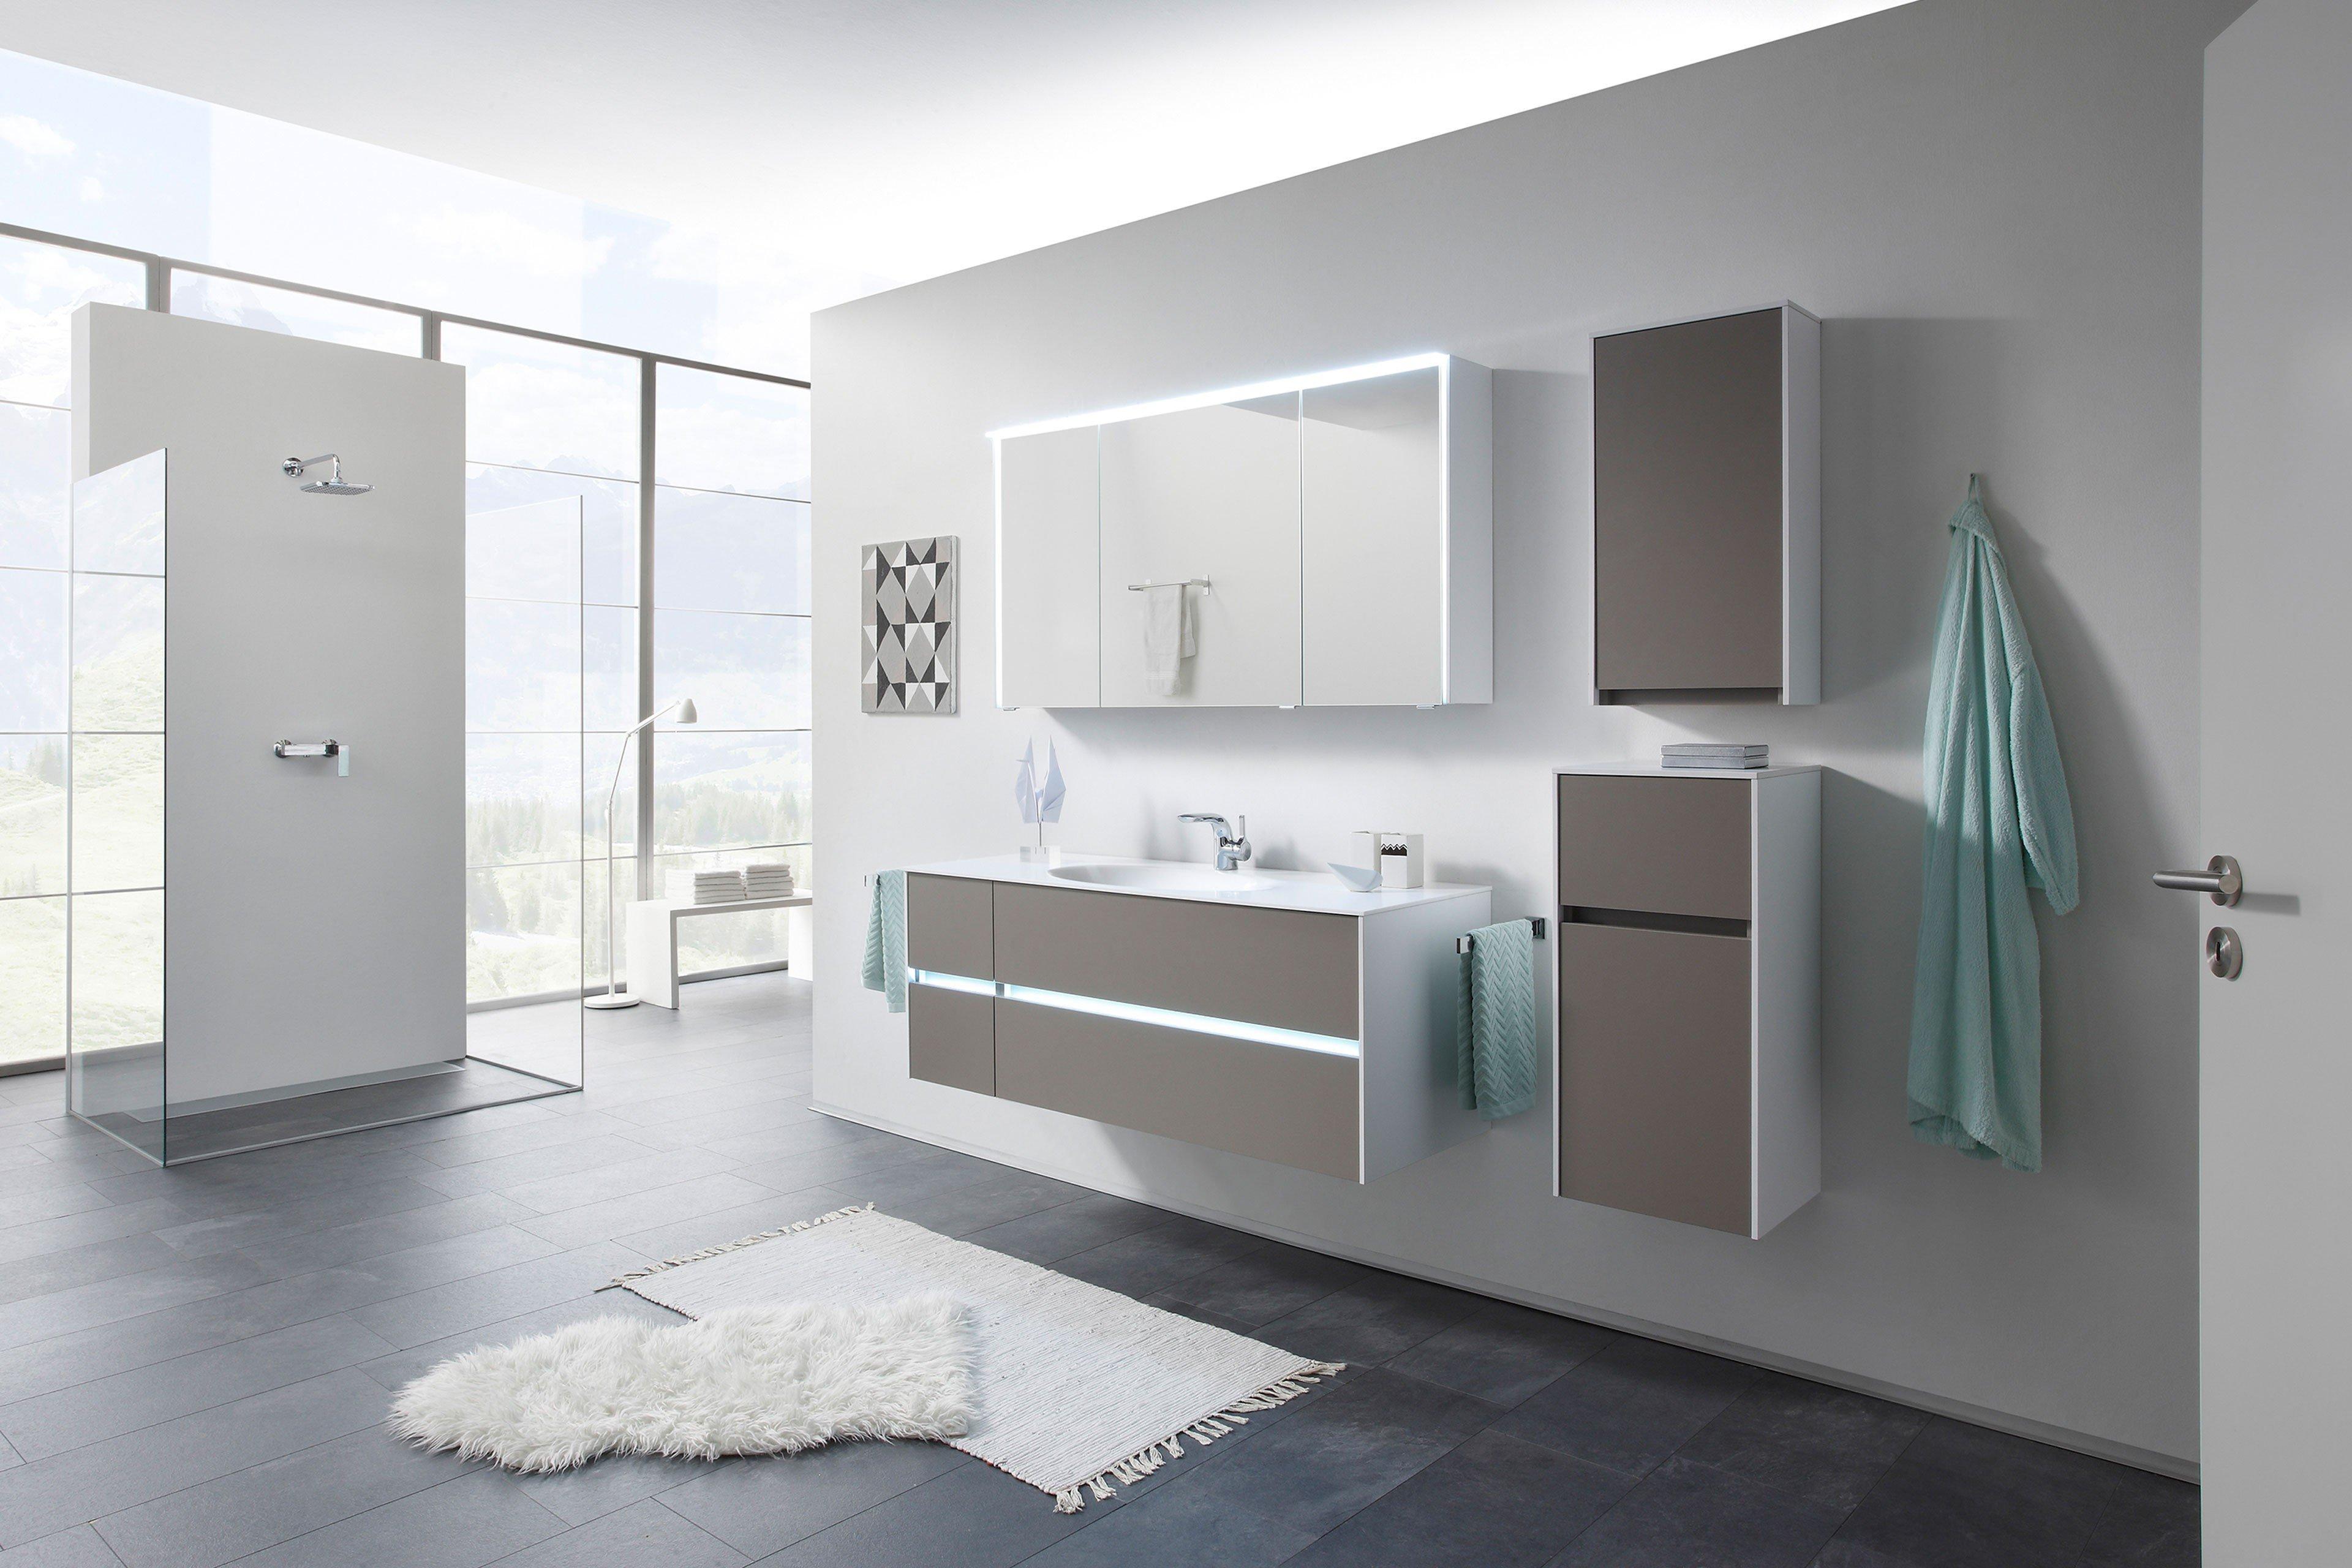 Solitaire 6010 von Pelipal - Badezimmer basalt grau/ weiß